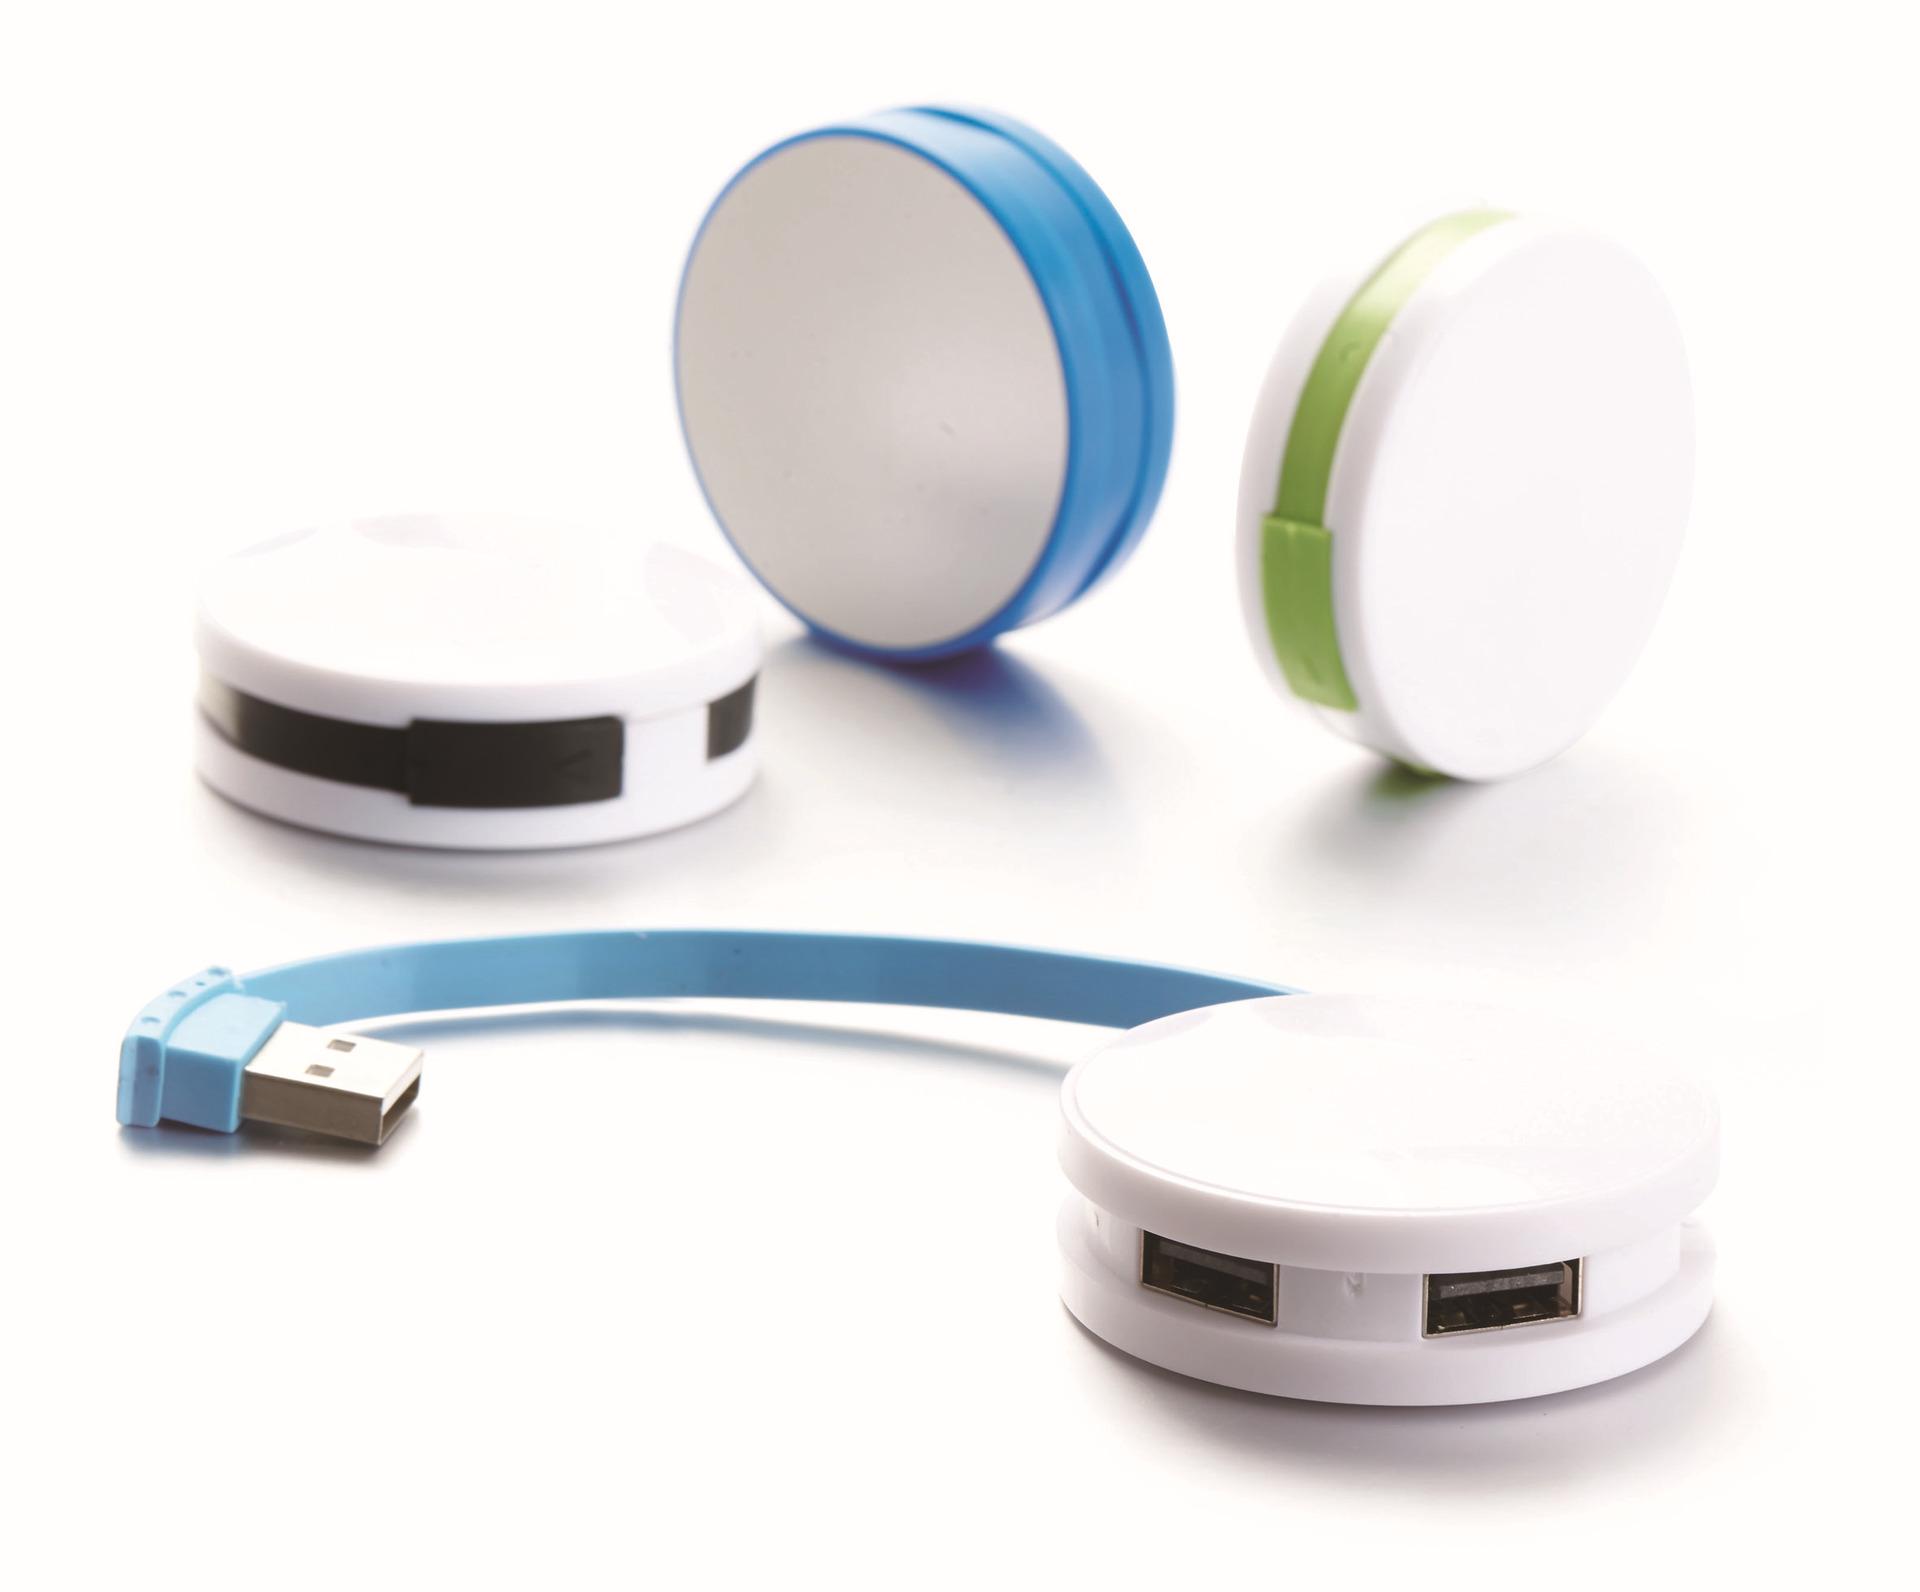 圆形四口USBHUB电脑手机用分线器2.0版四口集线器四口2.0版USBHUB